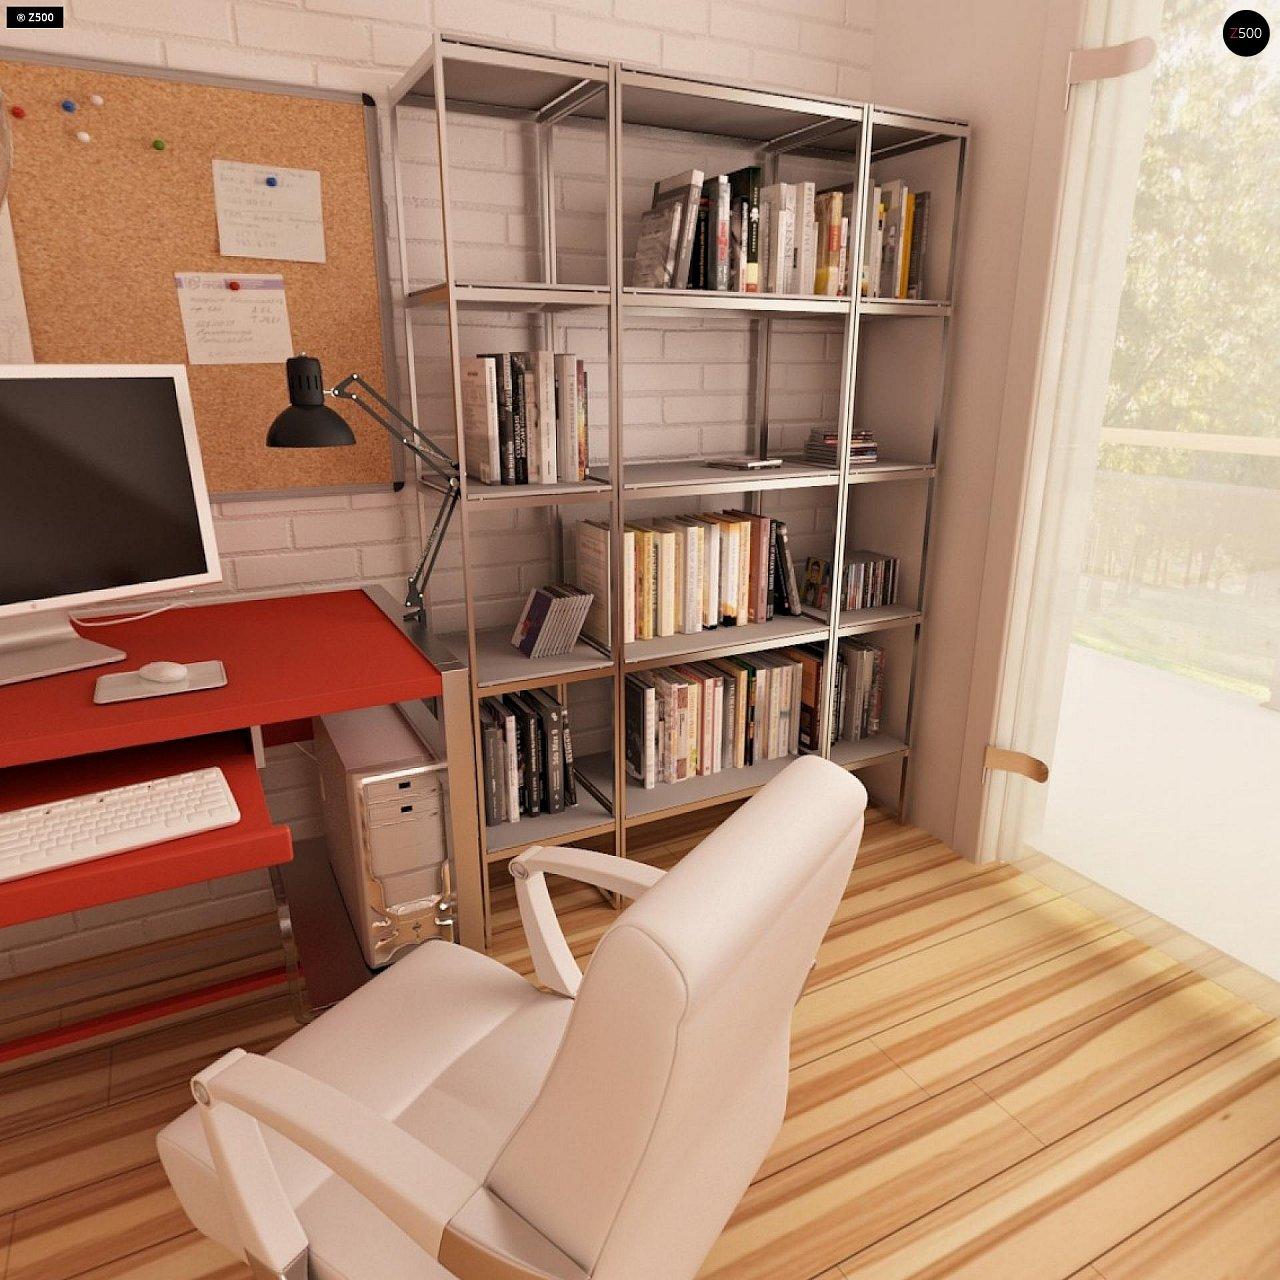 Современный дом с уютным и функциональным интерьером. Интересное сочетание двускатной крыши и кубических форм. - фото 13